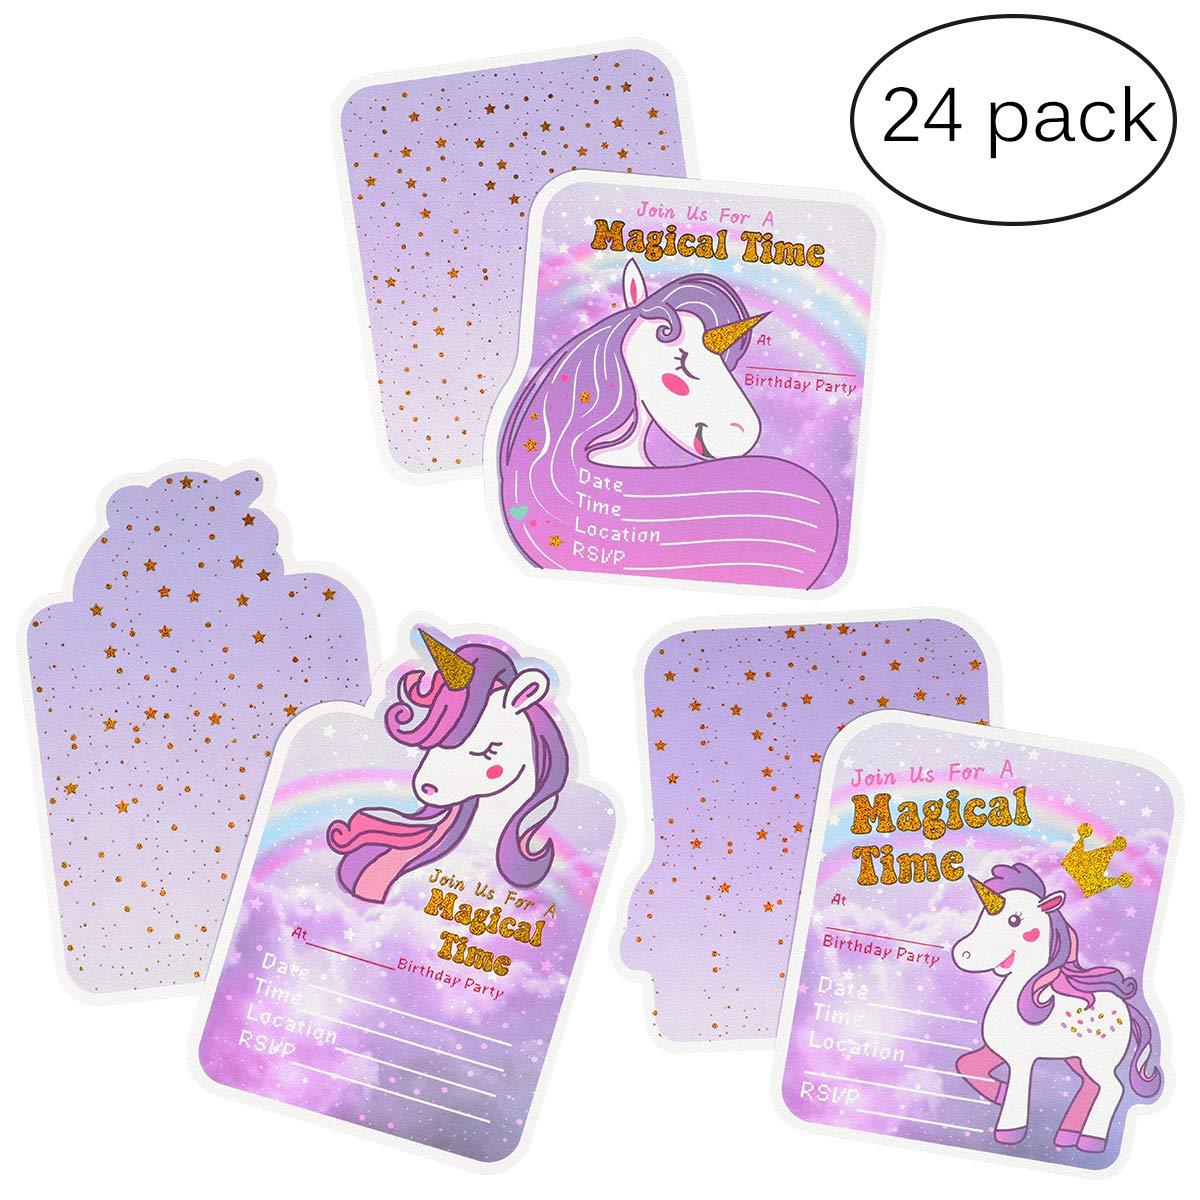 achat Cartes d'invitation d'anniversaire licorne pour filles - 3 styles, 24 cartes avec bronzage doré, 24 enveloppes, 24 autocollants licorne pas cher prix